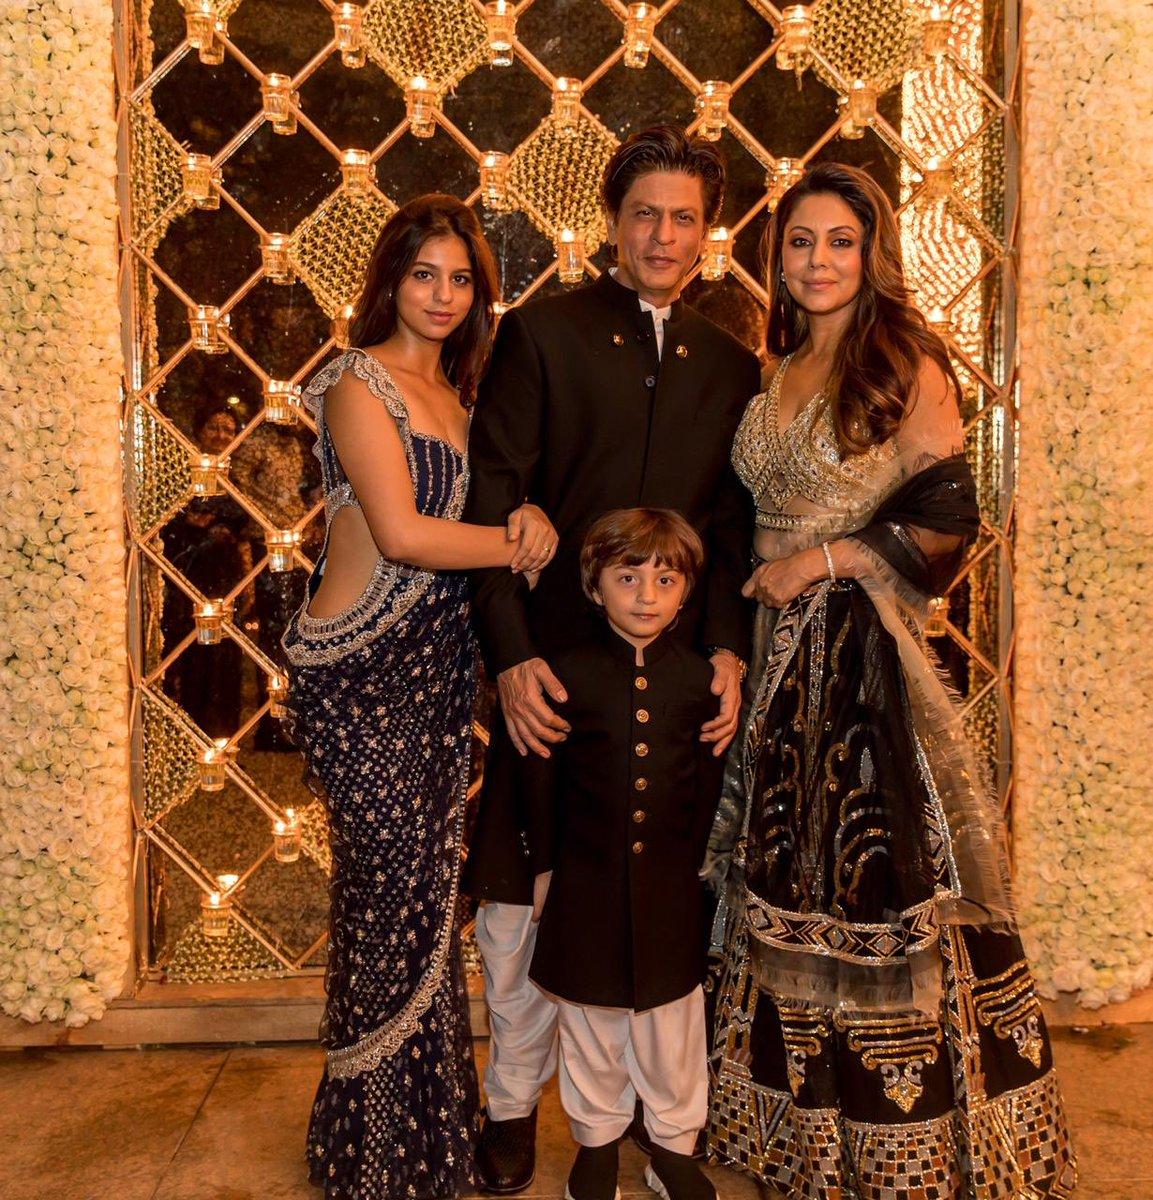 शाहरुखच्या घरच्या दिवाळी सेलिब्रेशनचे फोटो त्याची पत्नी गौरी खानने सोशल मीडियावर टाकले आहेत. मूड लायटिंग असं म्हणत गौरीनं हे शानदार फोटो ट्विटरवर शेअर केले आहेत.